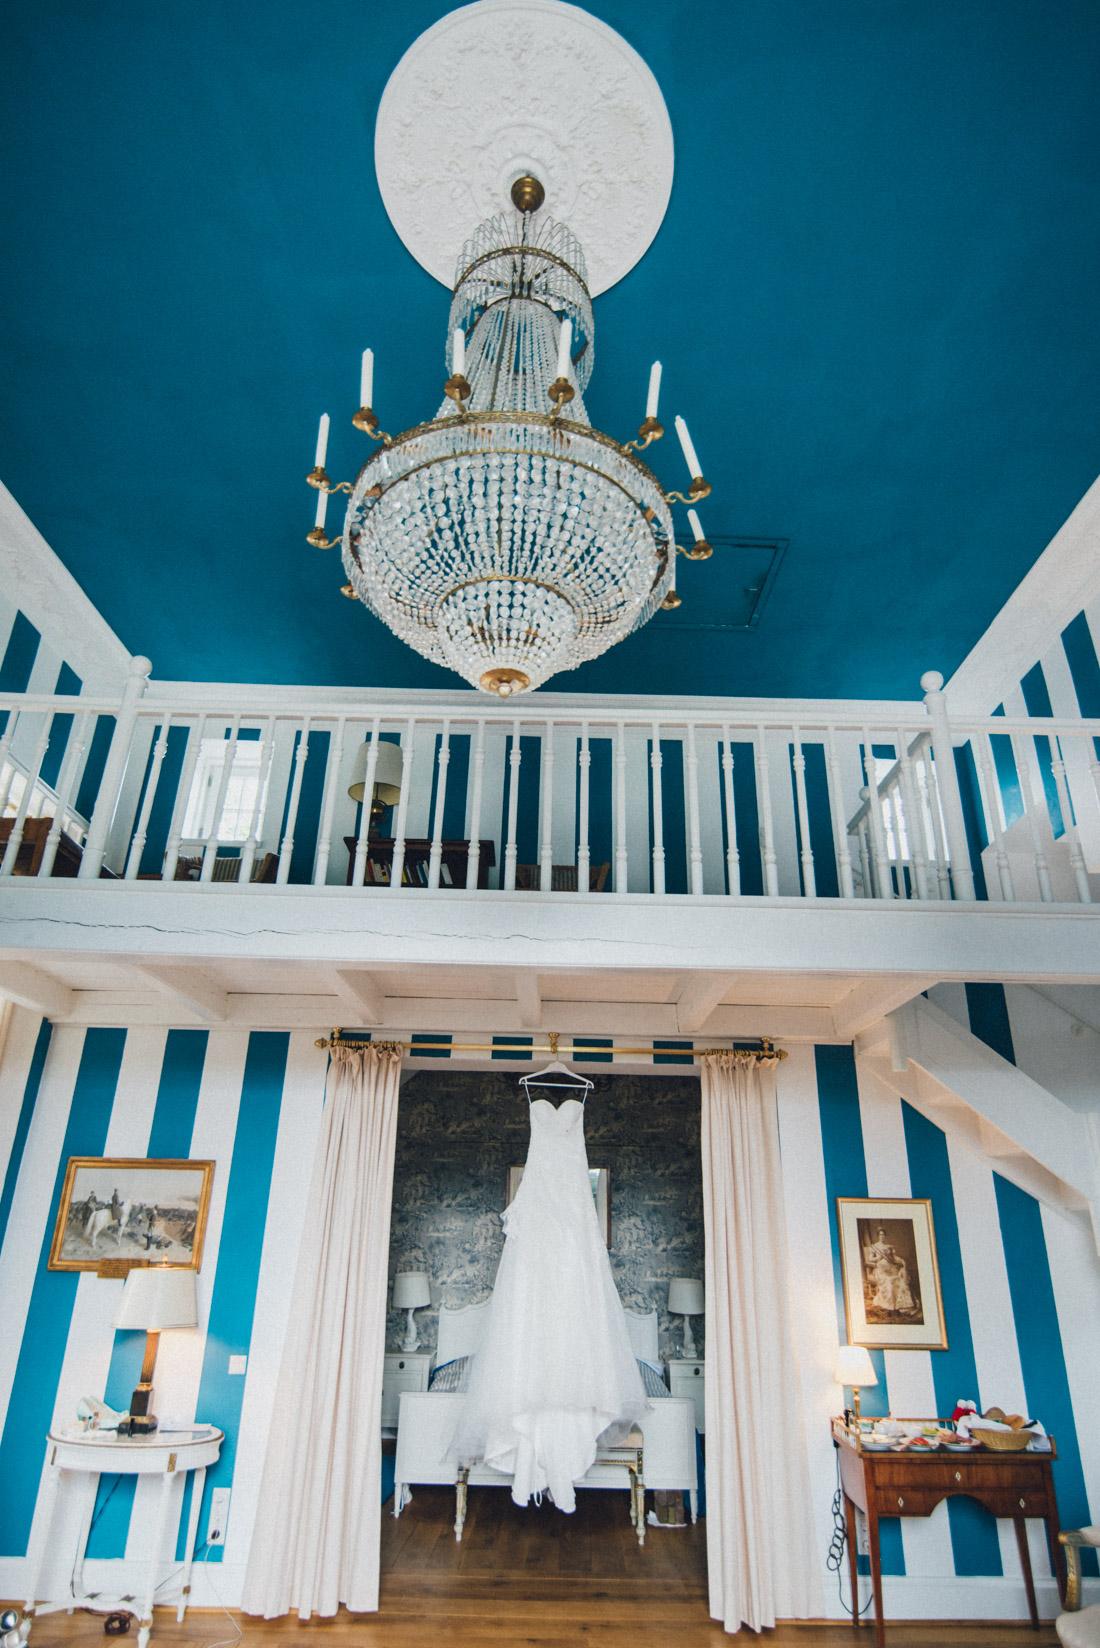 pastel-vintage-hertefeld-9 hochzeitsfotograf schloss hertefeldGalina & Robert DIY Pastel Vintage Hochzeit auf Schloss Hertefeldpastel vintage hertefeld 9